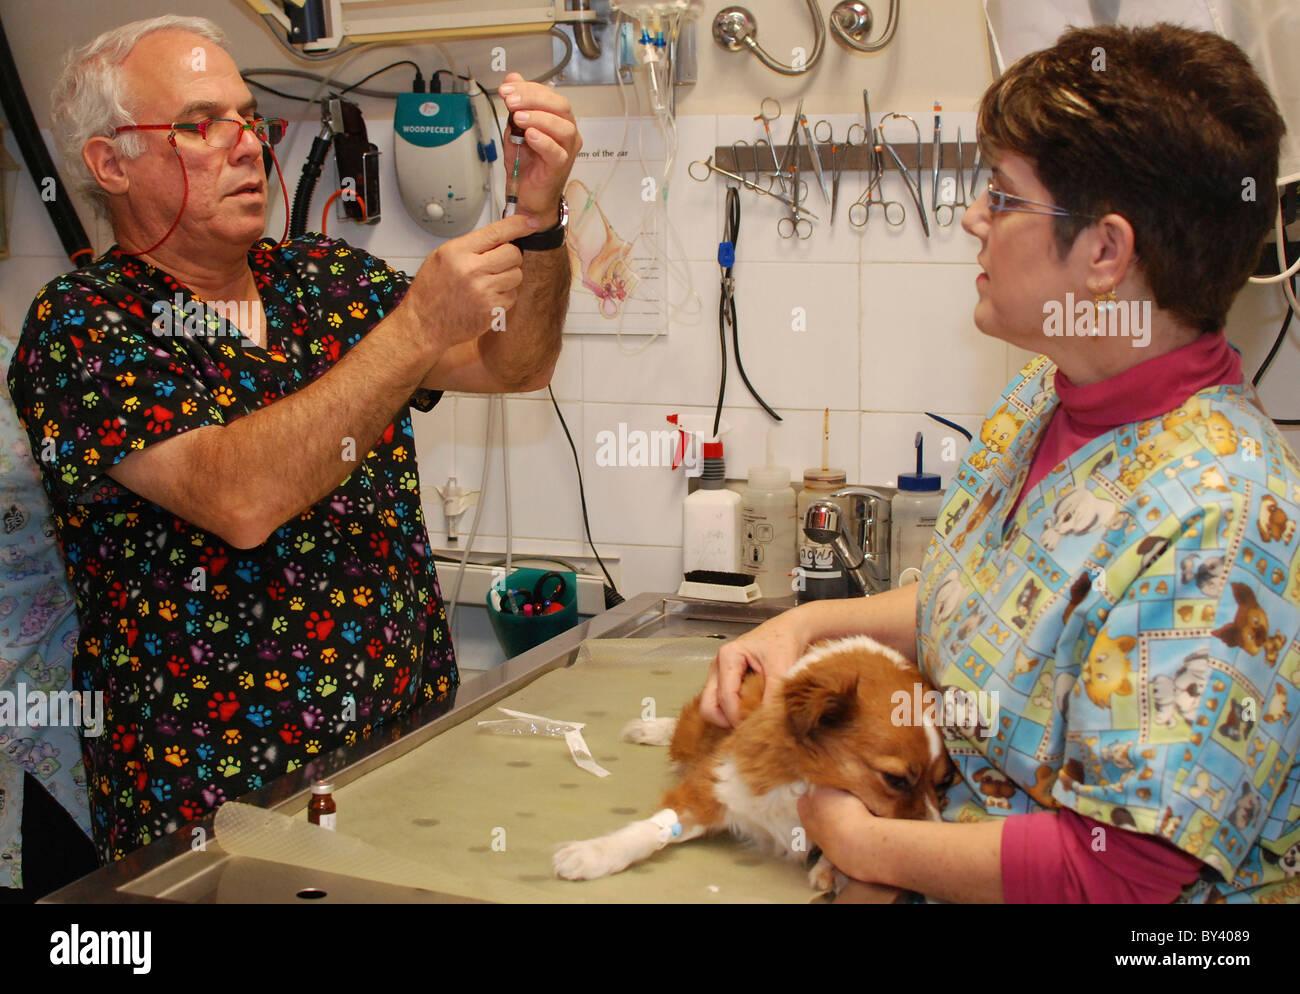 La EFP's preparan un perro para la cirugía. El veterinario está preparando una inyección sedante Foto de stock